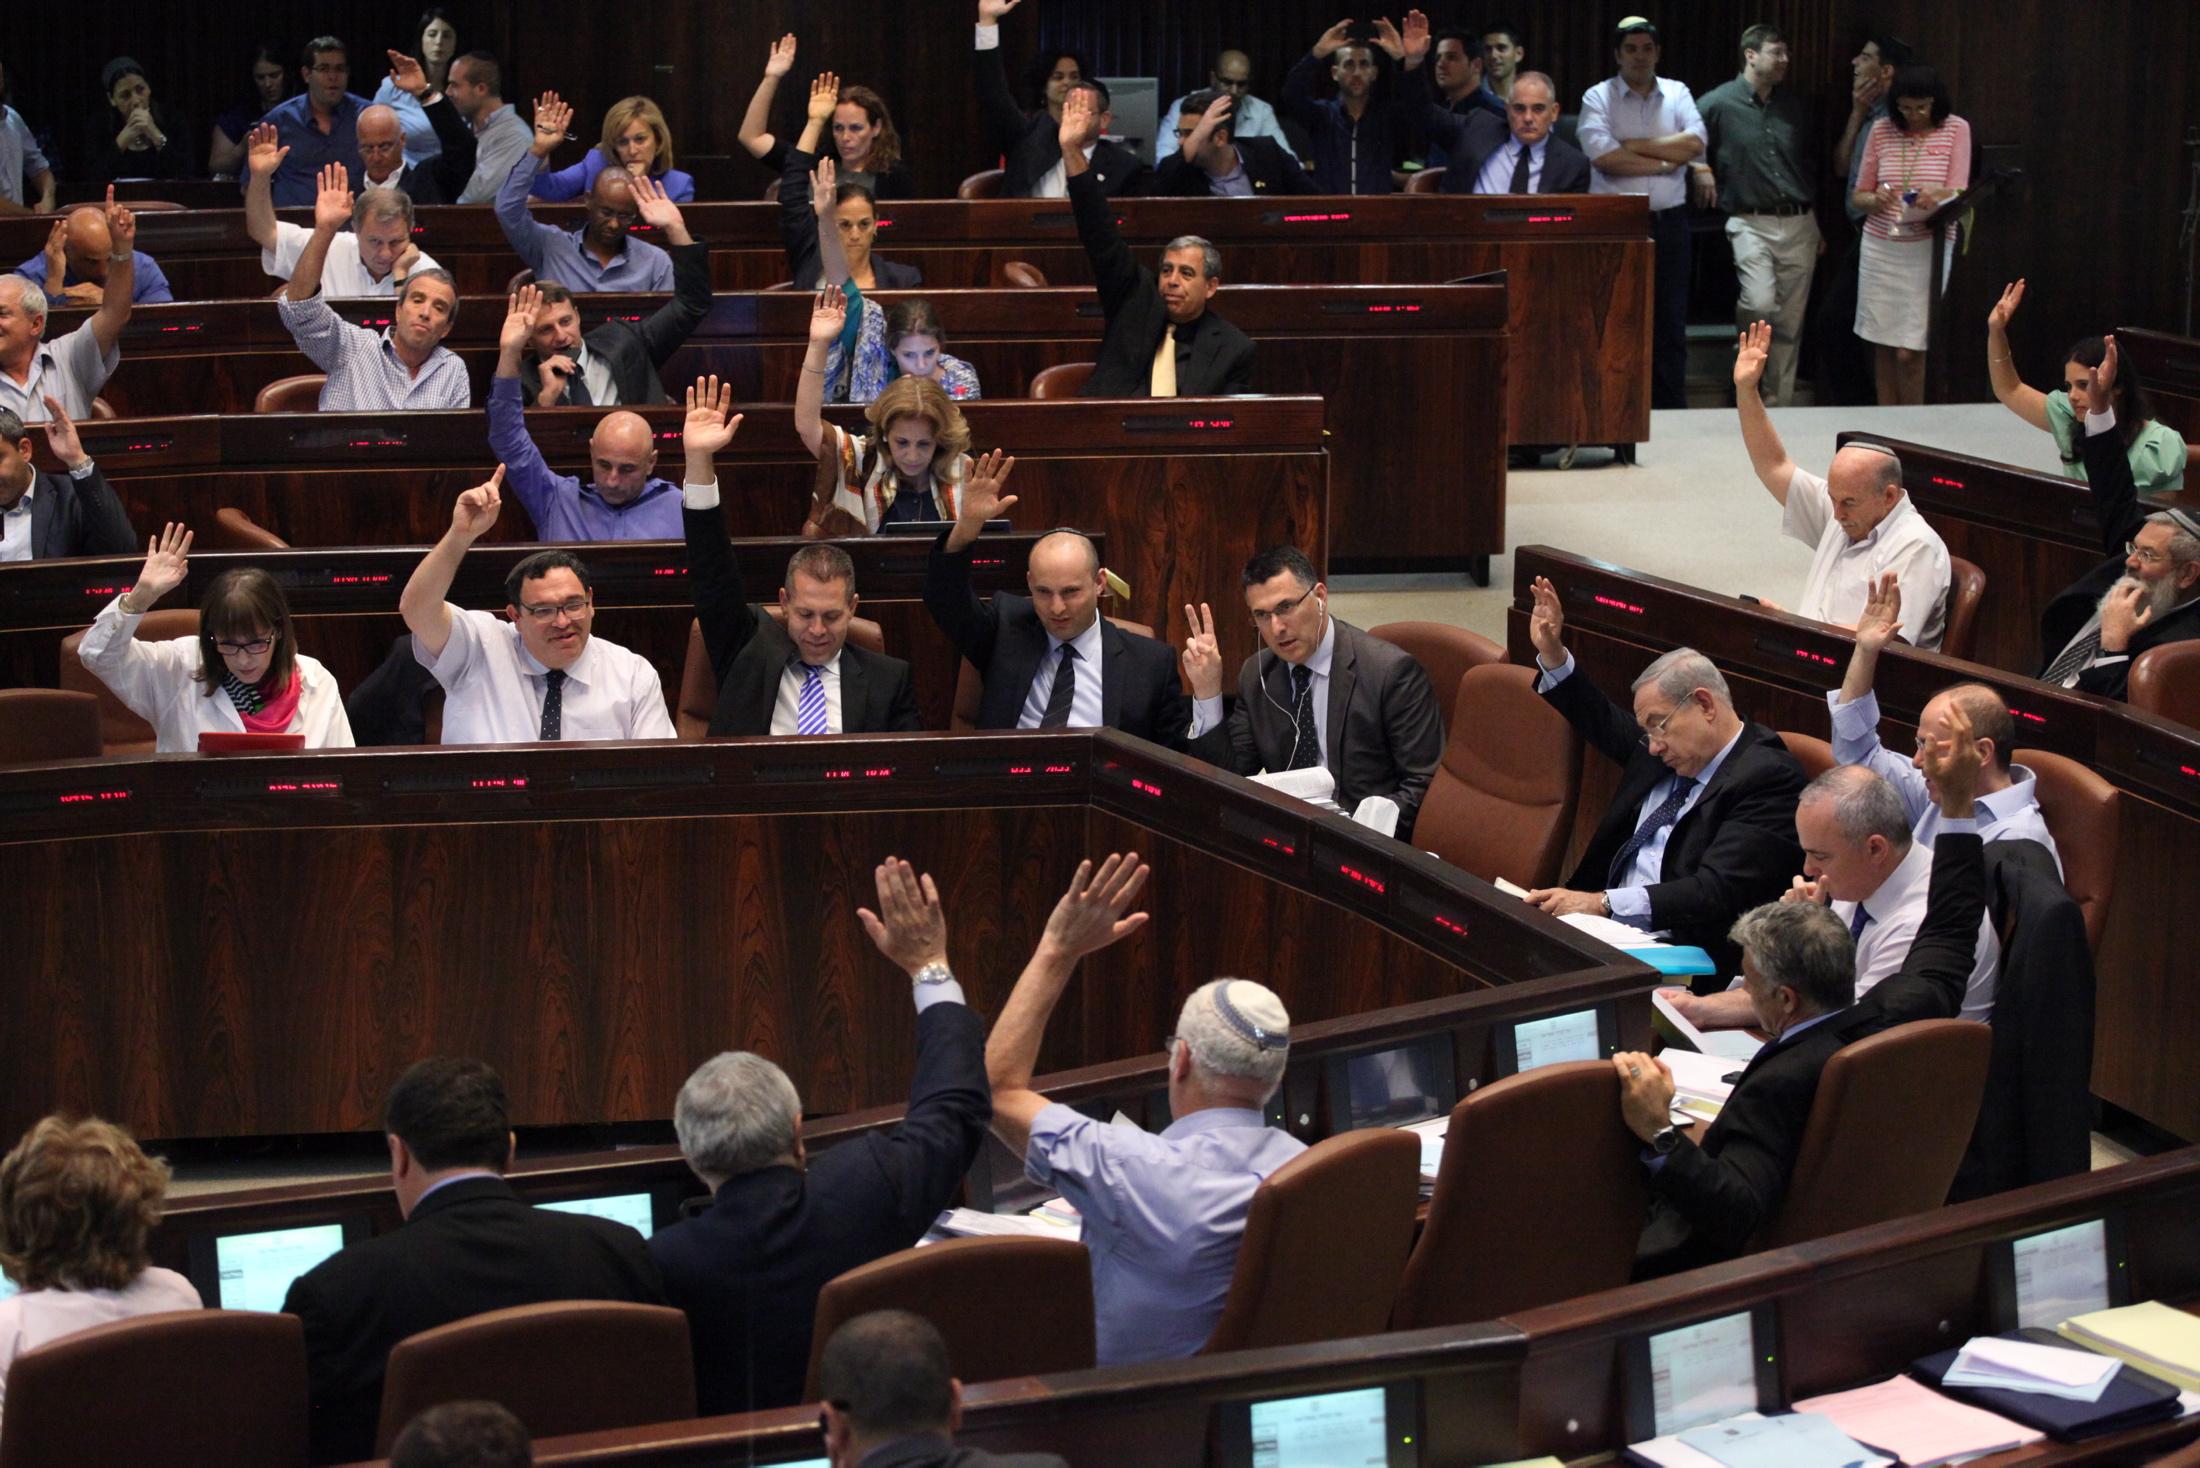 اليمين المتطرف Picture: اليمين المتطرف في إسرائيل يحلم بضم مناطق من الضفة الغربية